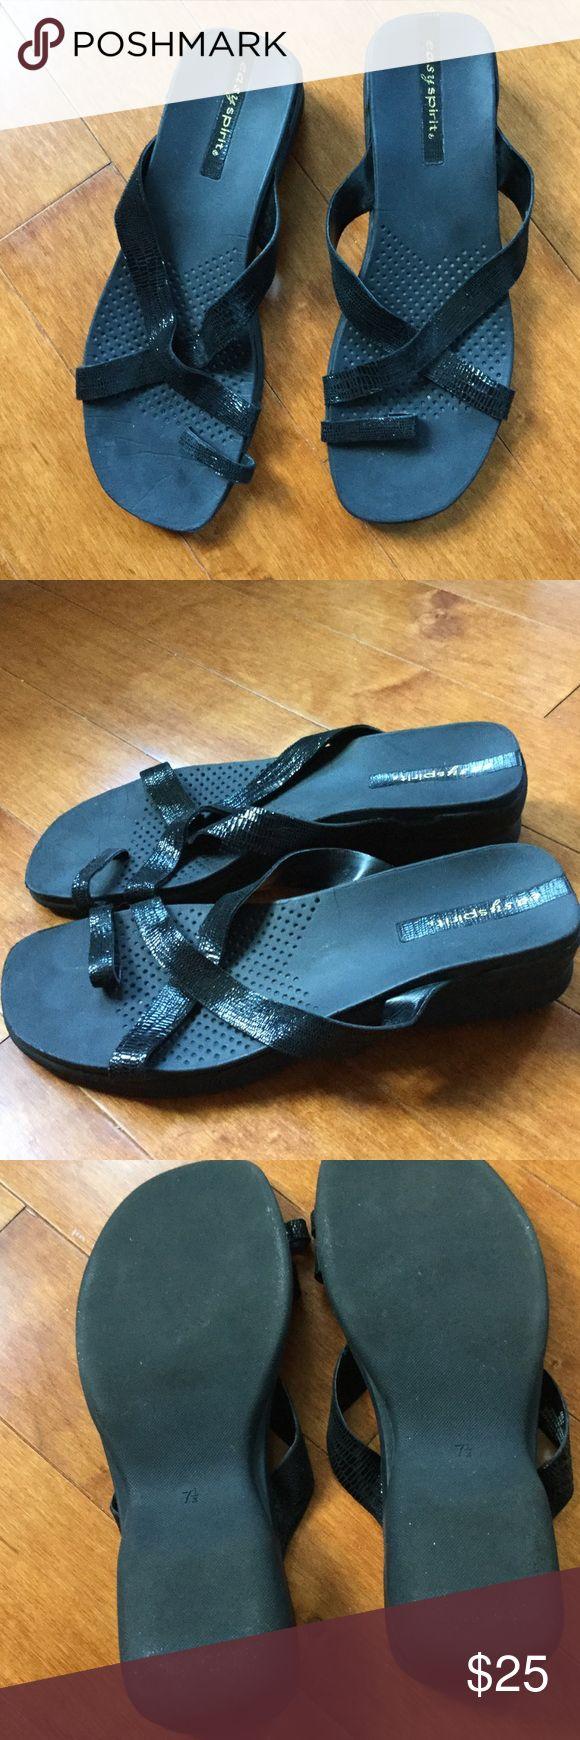 Easy Spirit Black Sandals. Size 7 1/2 Easy Spirit Black Sandals Size 7 1/2 worn twice. Easy Spirit Shoes Sandals